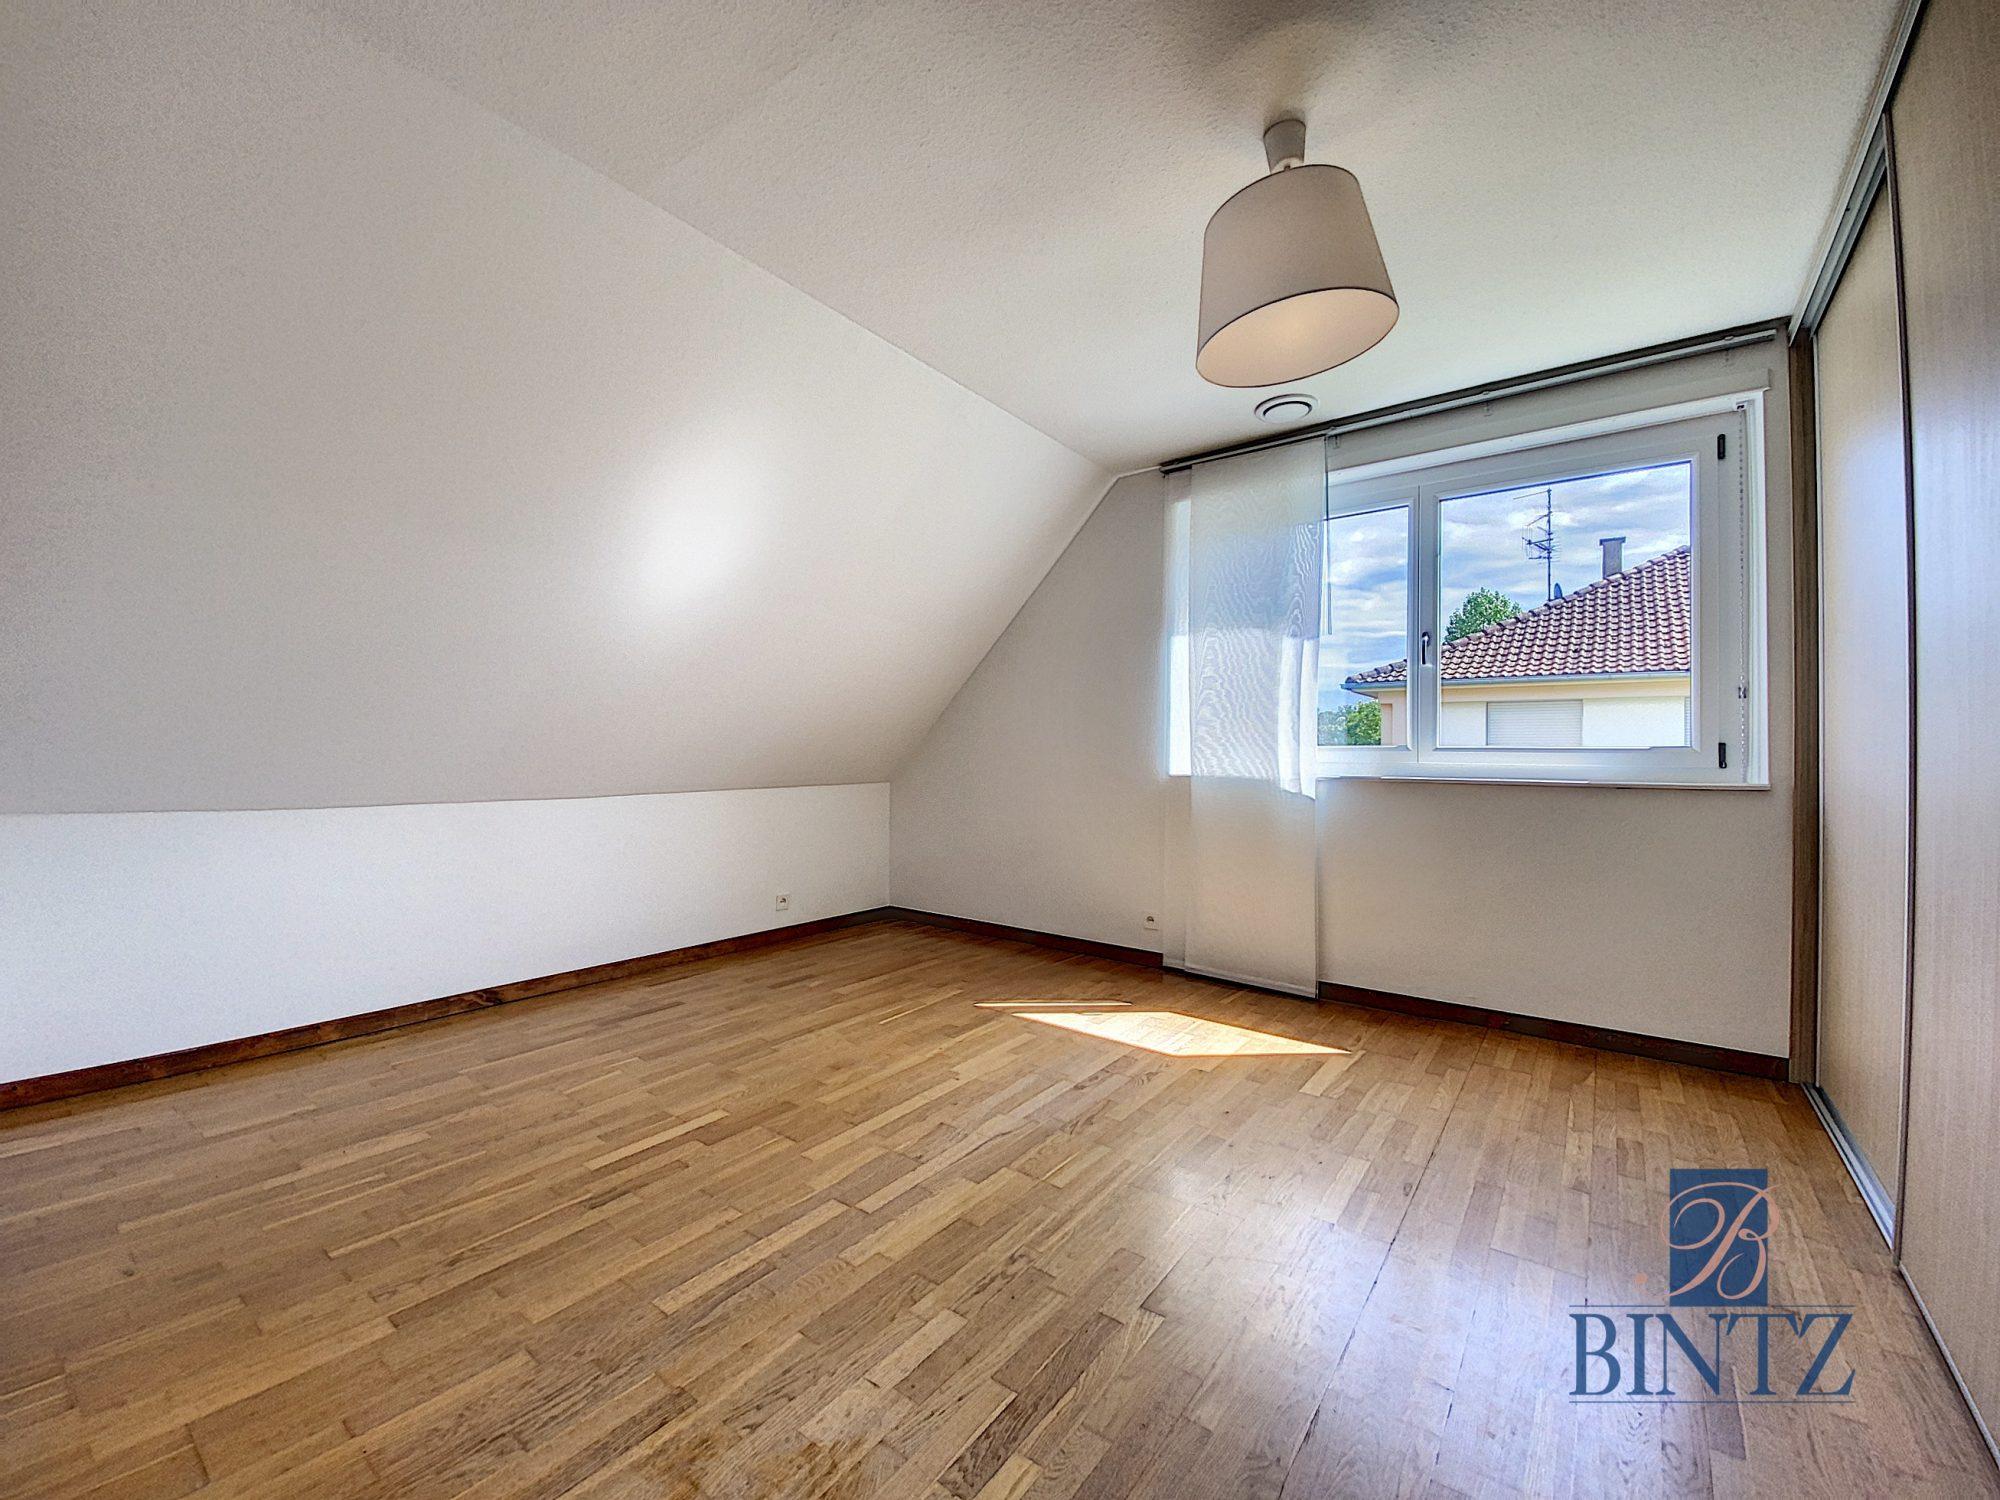 MAISON A LOUER ROBERTSAU - Devenez locataire en toute sérénité - Bintz Immobilier - 15